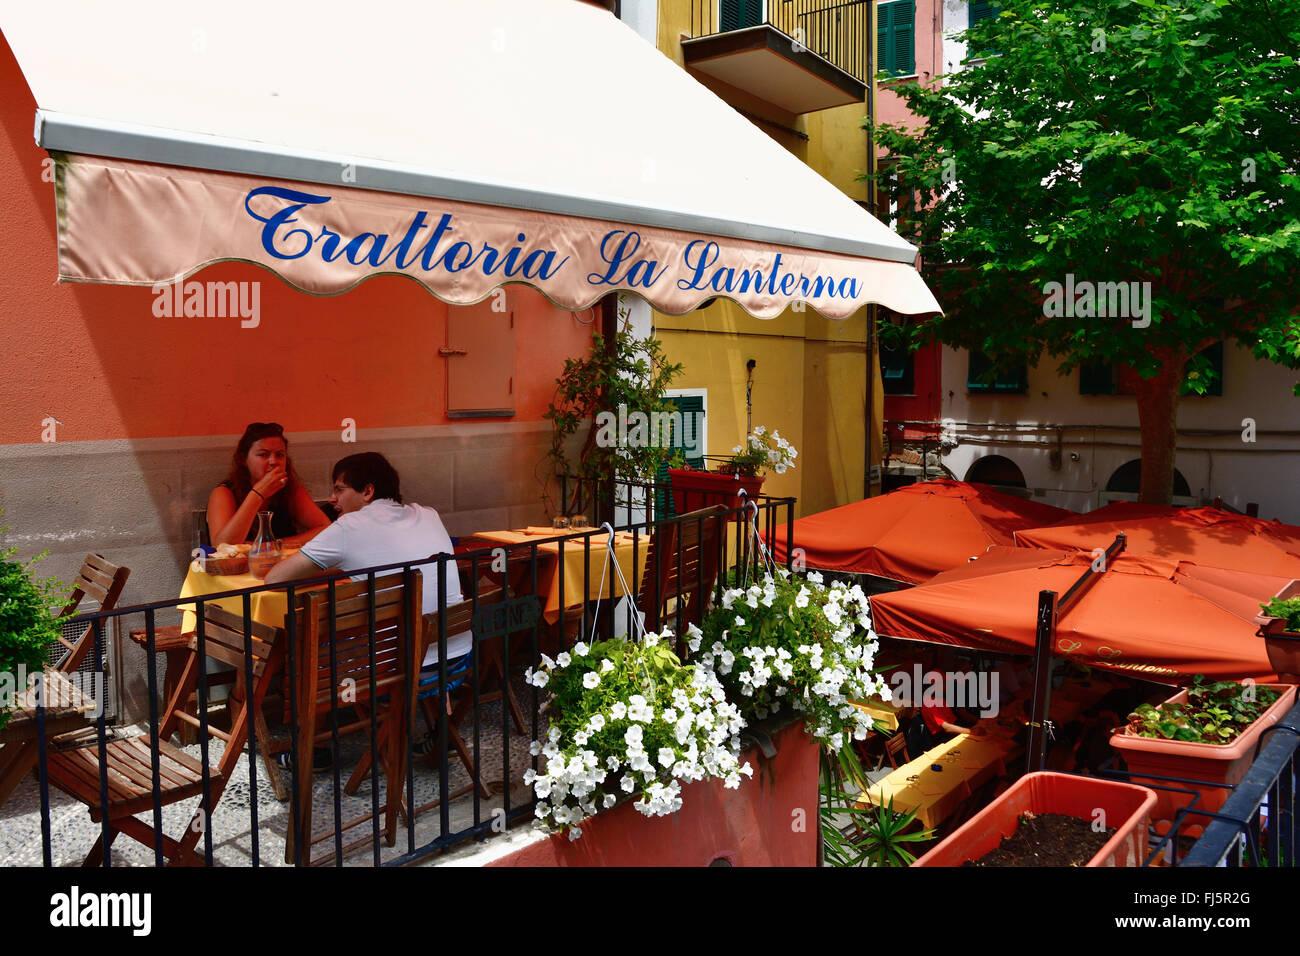 Outdoor Küche Aus Italien : Leute essen traditionelle italienische küche in outdoor restaurant